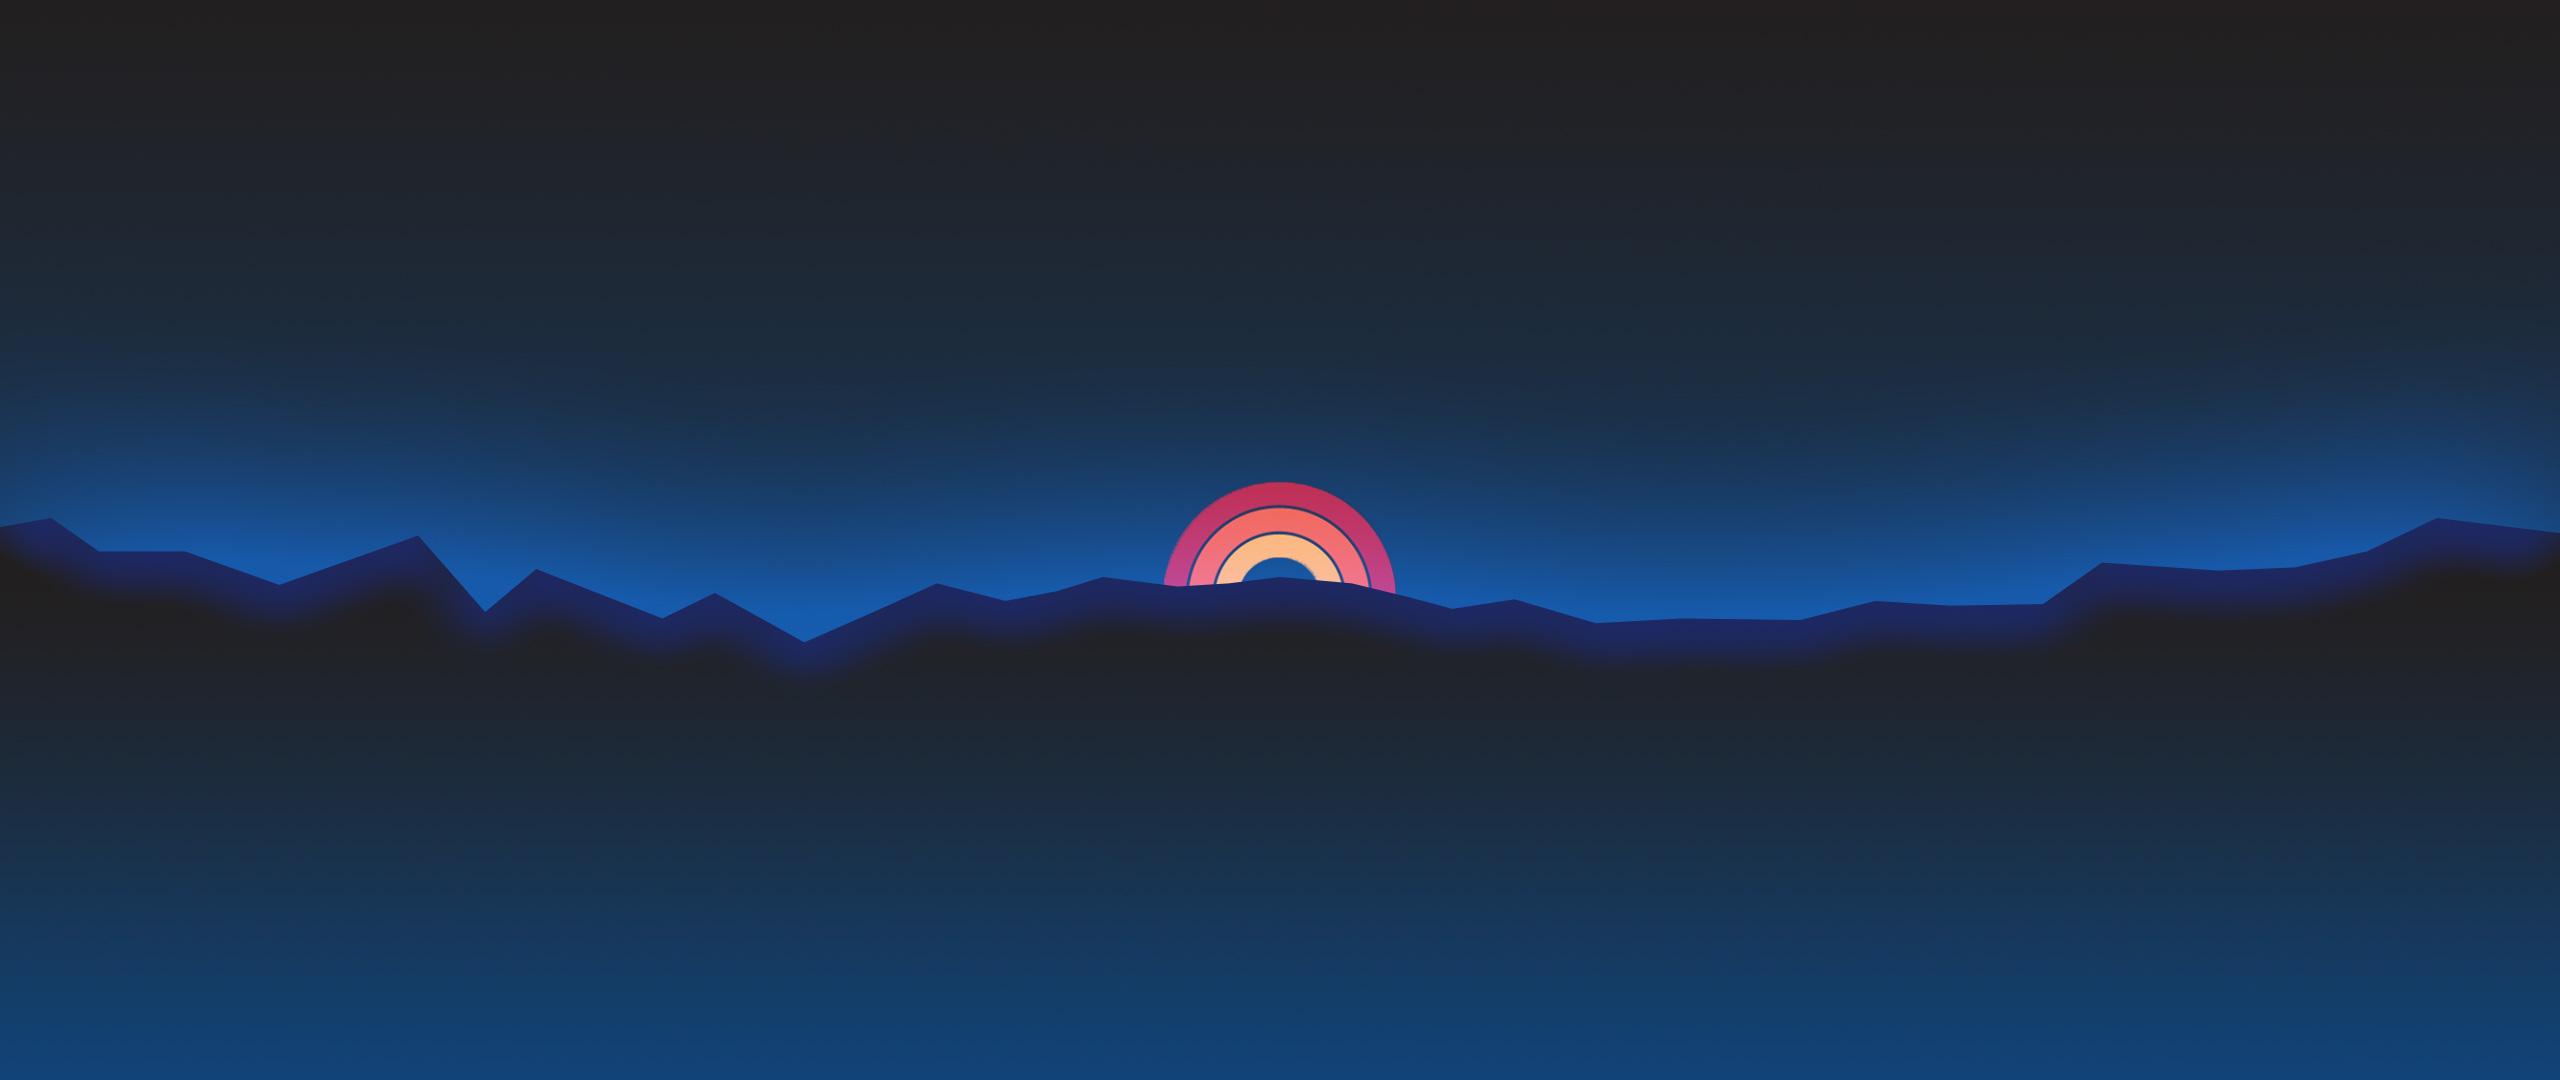 Minimalism Neon Rainbow Sunset Retro Style Hd Artist 4k